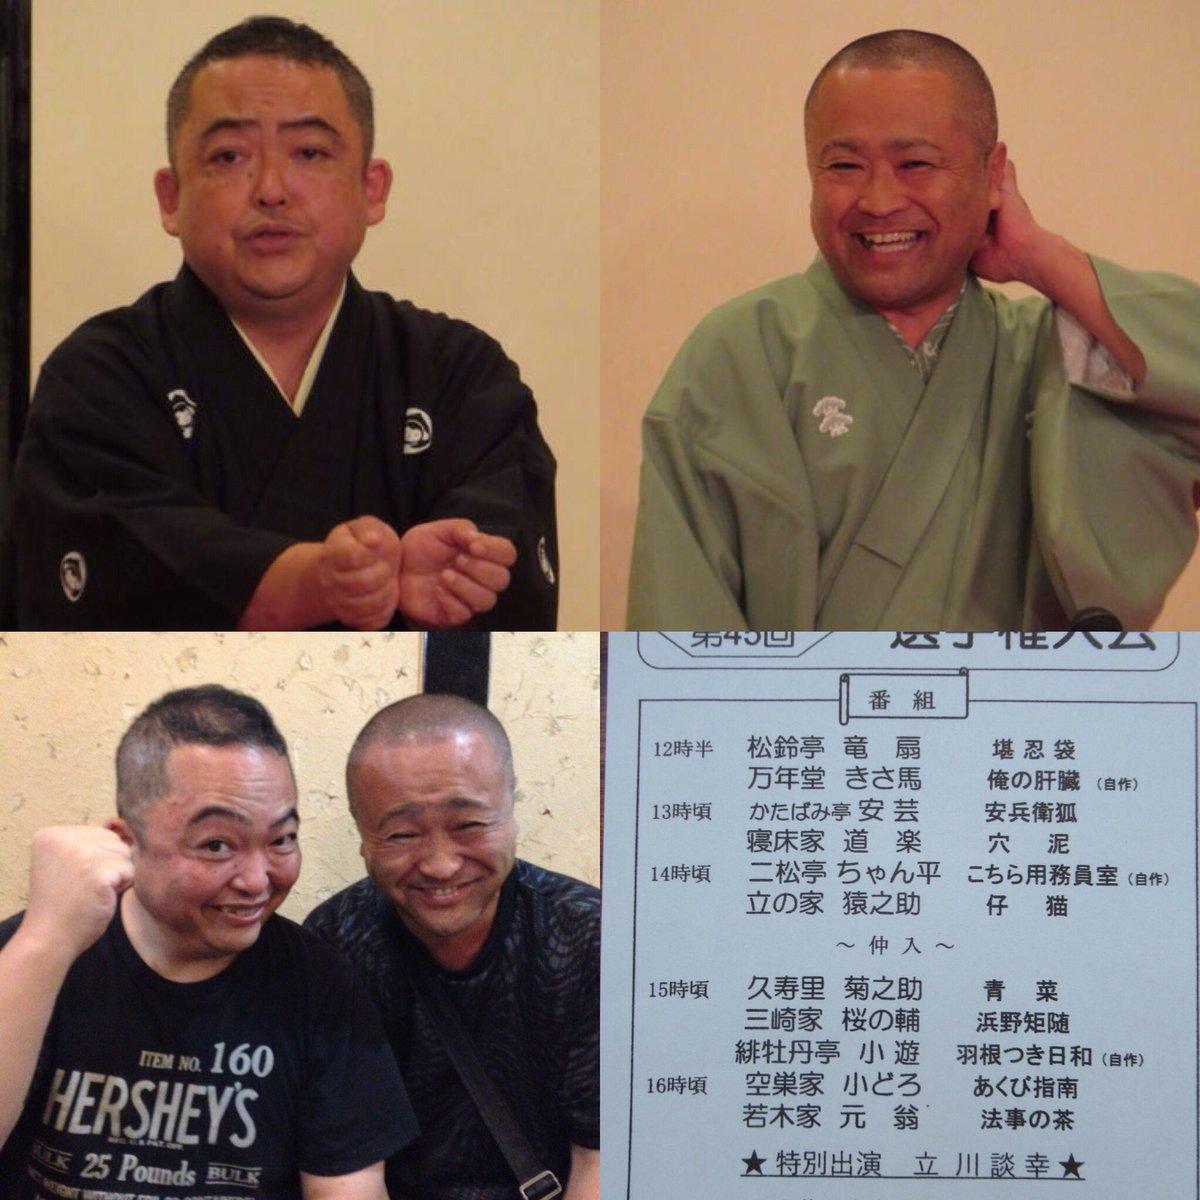 第45回全日本社会人落語選手権! 優勝は立の家猿之助さん『仔猫』!6月に大阪の選手権で優勝し東西連覇!ほんまもんの日本一。圧巻!私は準優勝。猿さんと競えただけでも光栄(好感度up?) 本日の選手権に出場された方のレベルの高さは半端なくて。 経験とか稽古量とか全然違うんだろうなぁと感動!